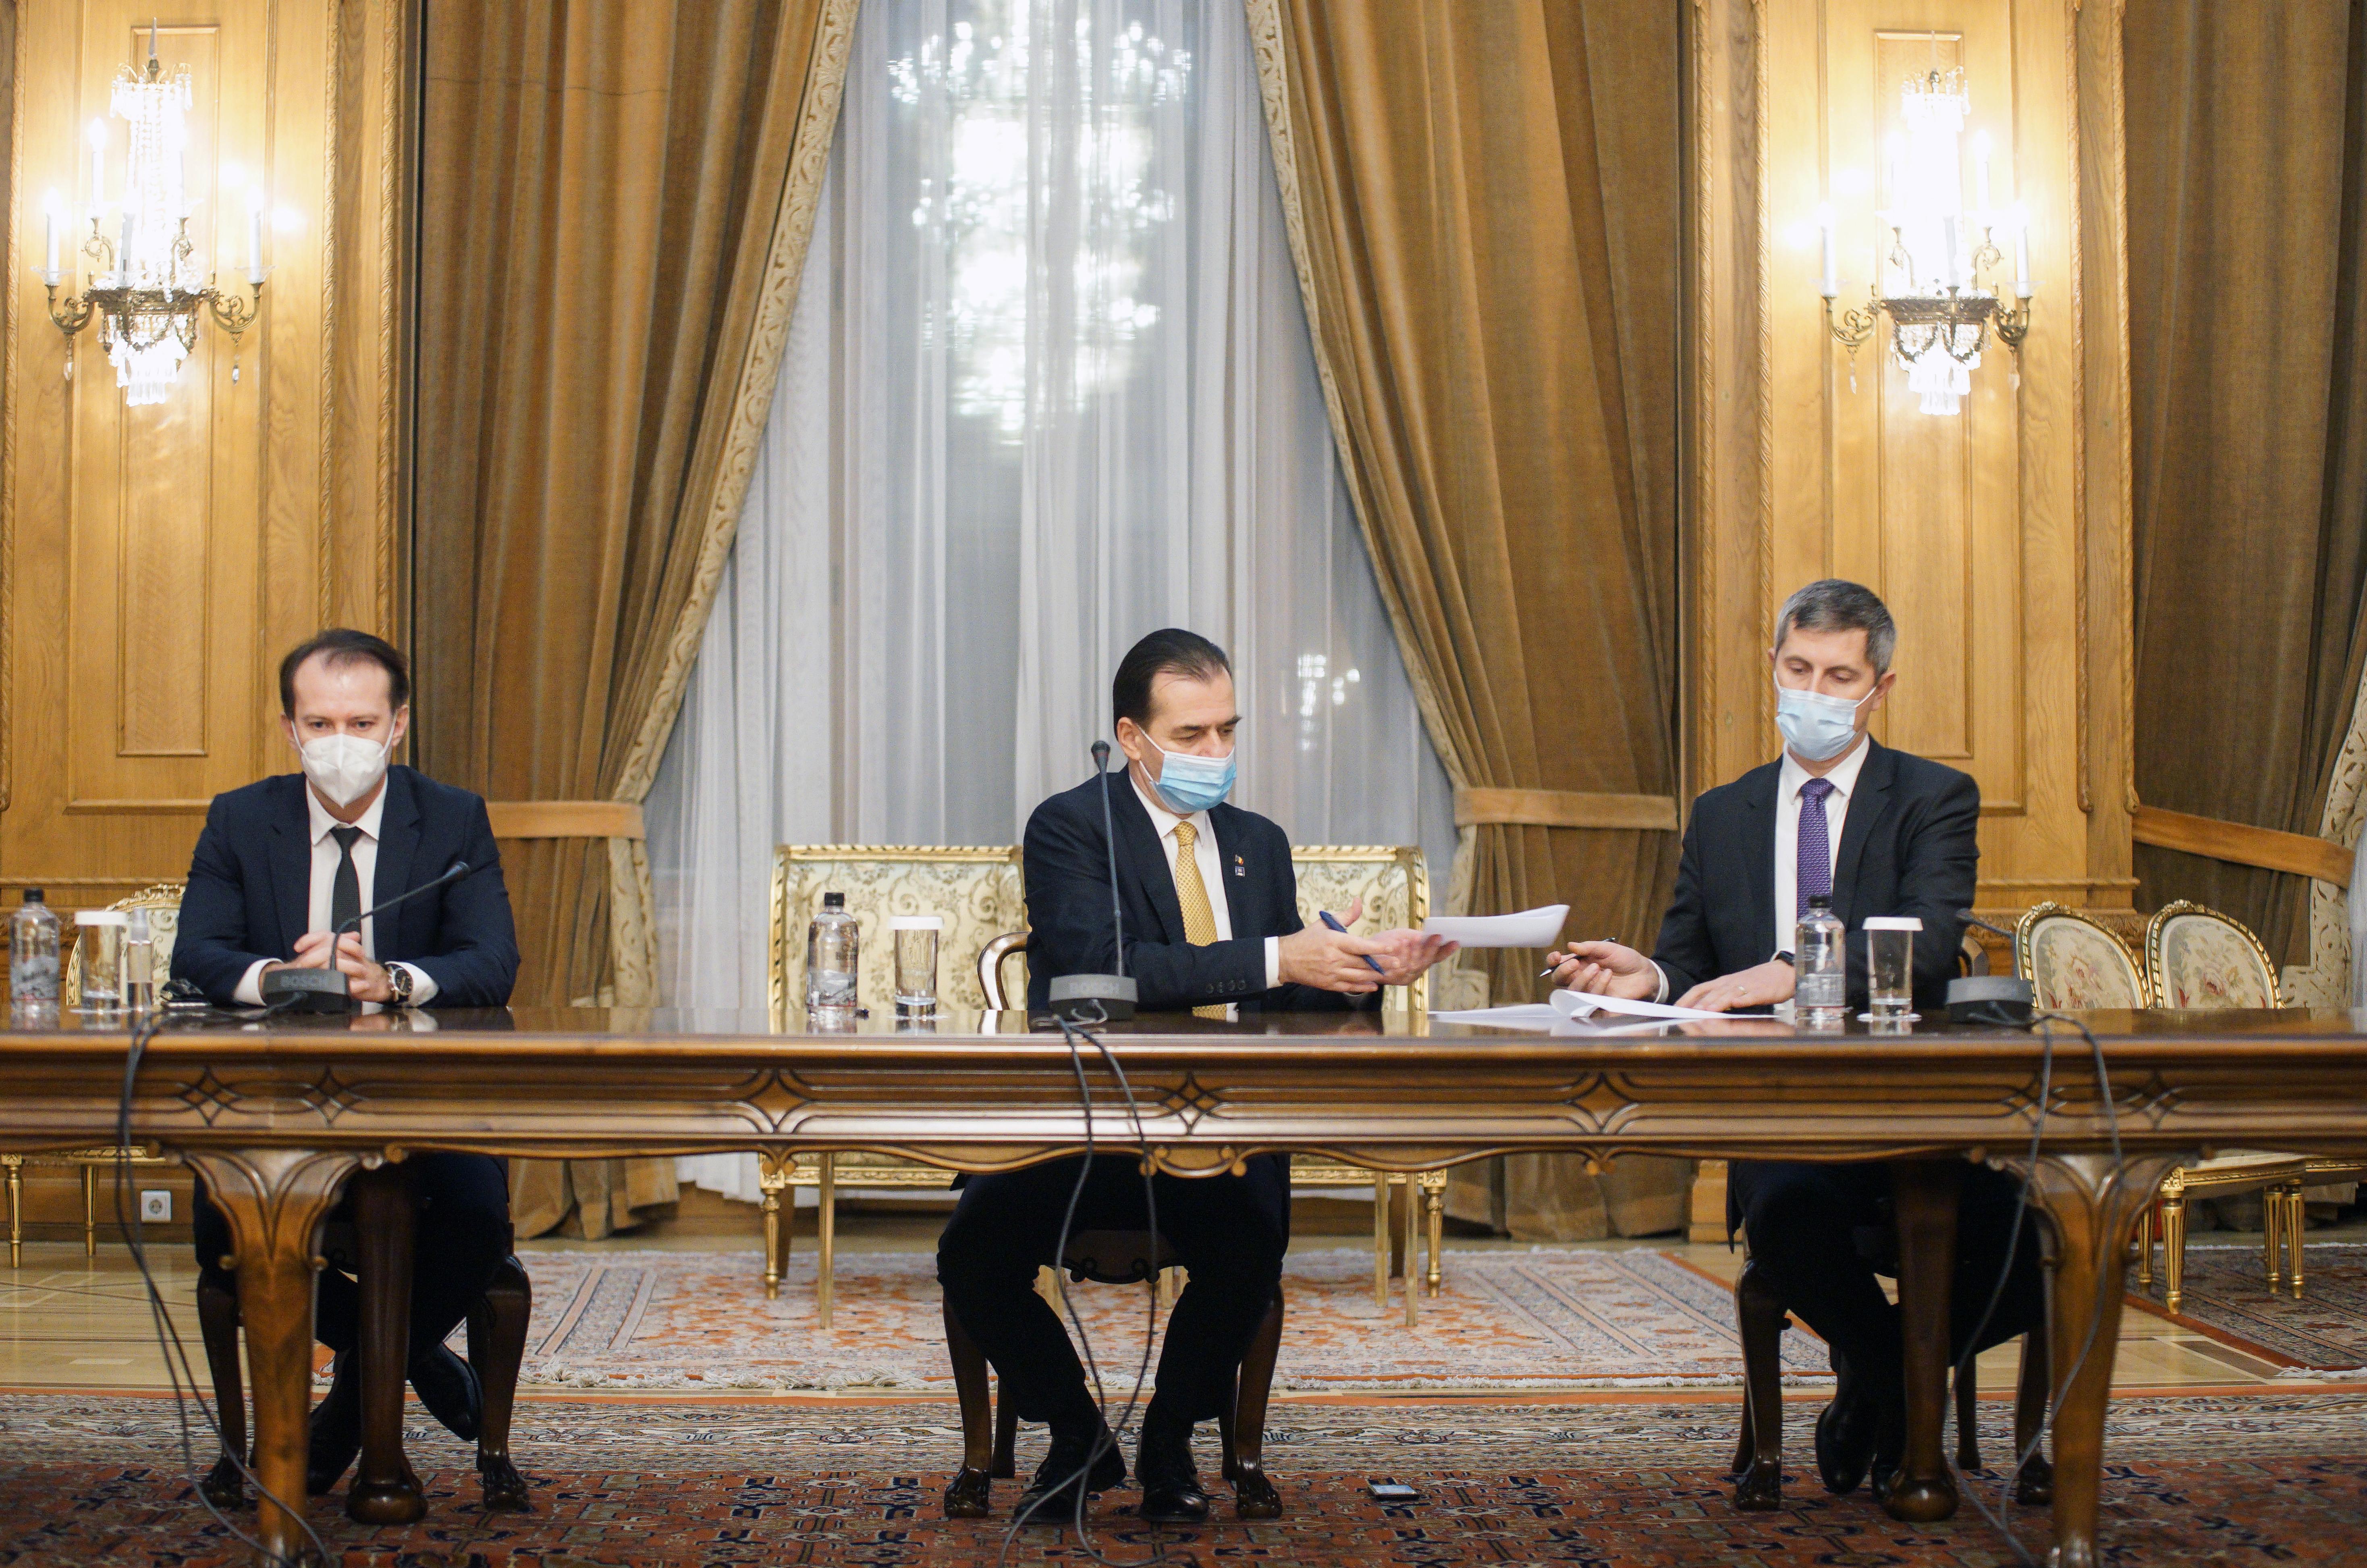 Când ar putea fi învestit noul Guvern. Florin Cîțu - premierul desemnat de Iohannis